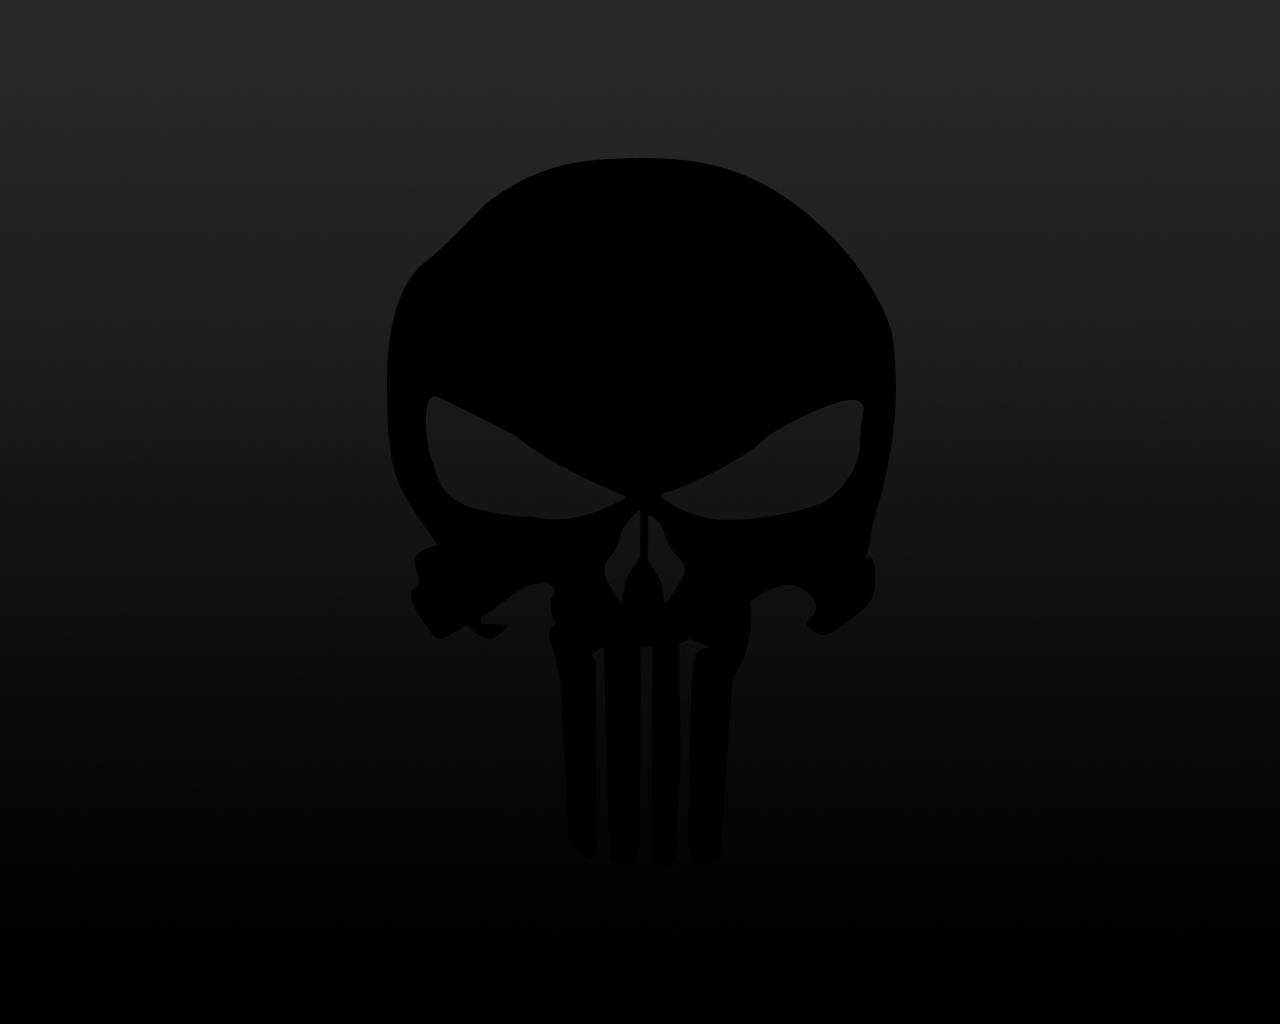 http://2.bp.blogspot.com/-uWSDT5NG3Ms/UD1qURS_fsI/AAAAAAAAA4g/TS7F07yeZLg/s1600/black-wallpaper-skull.jpg